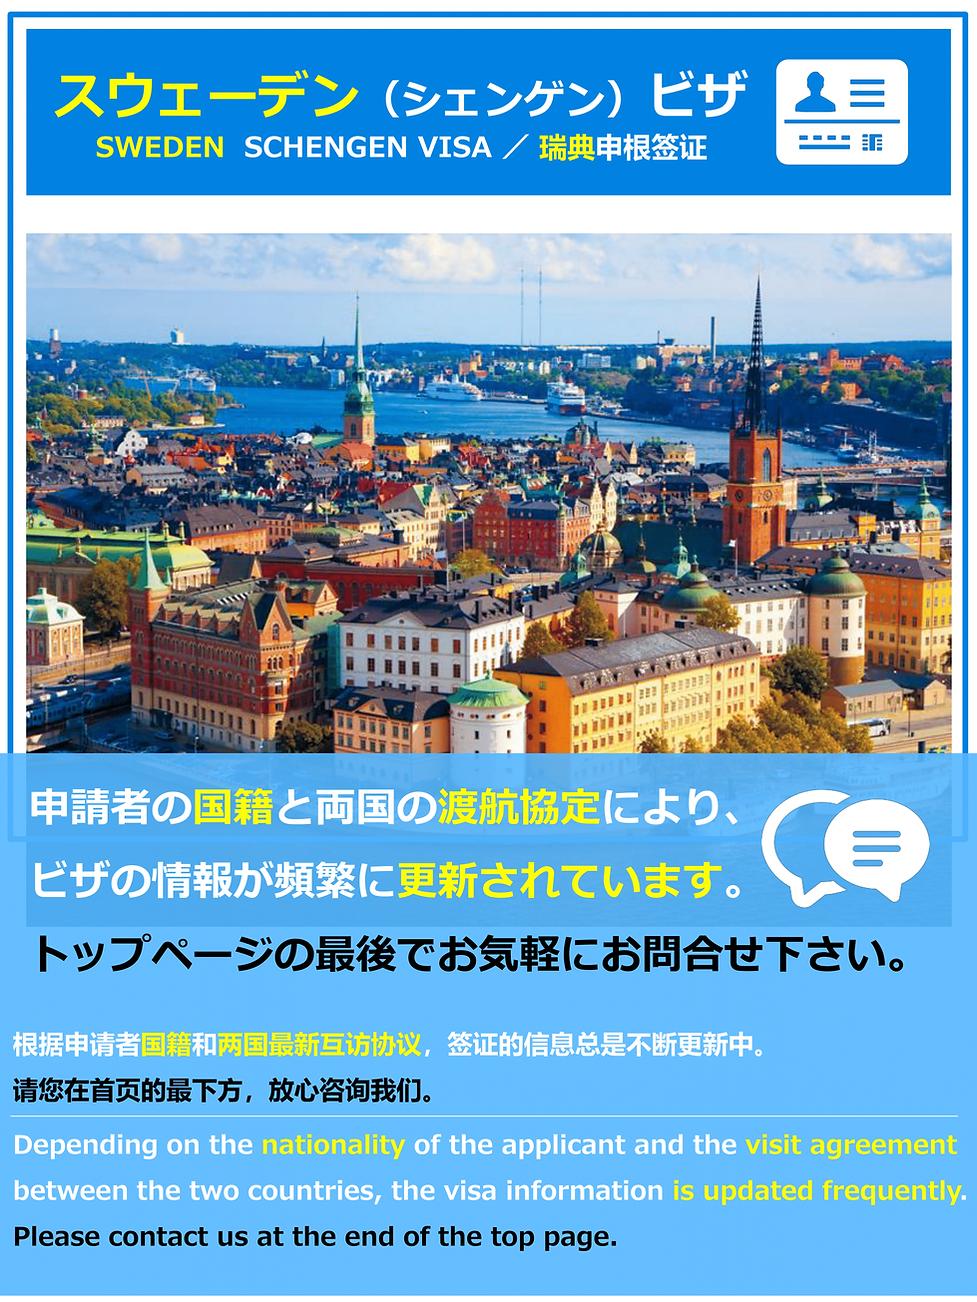 中国人 スウェーデン シェンゲン ビザ 申請 代行